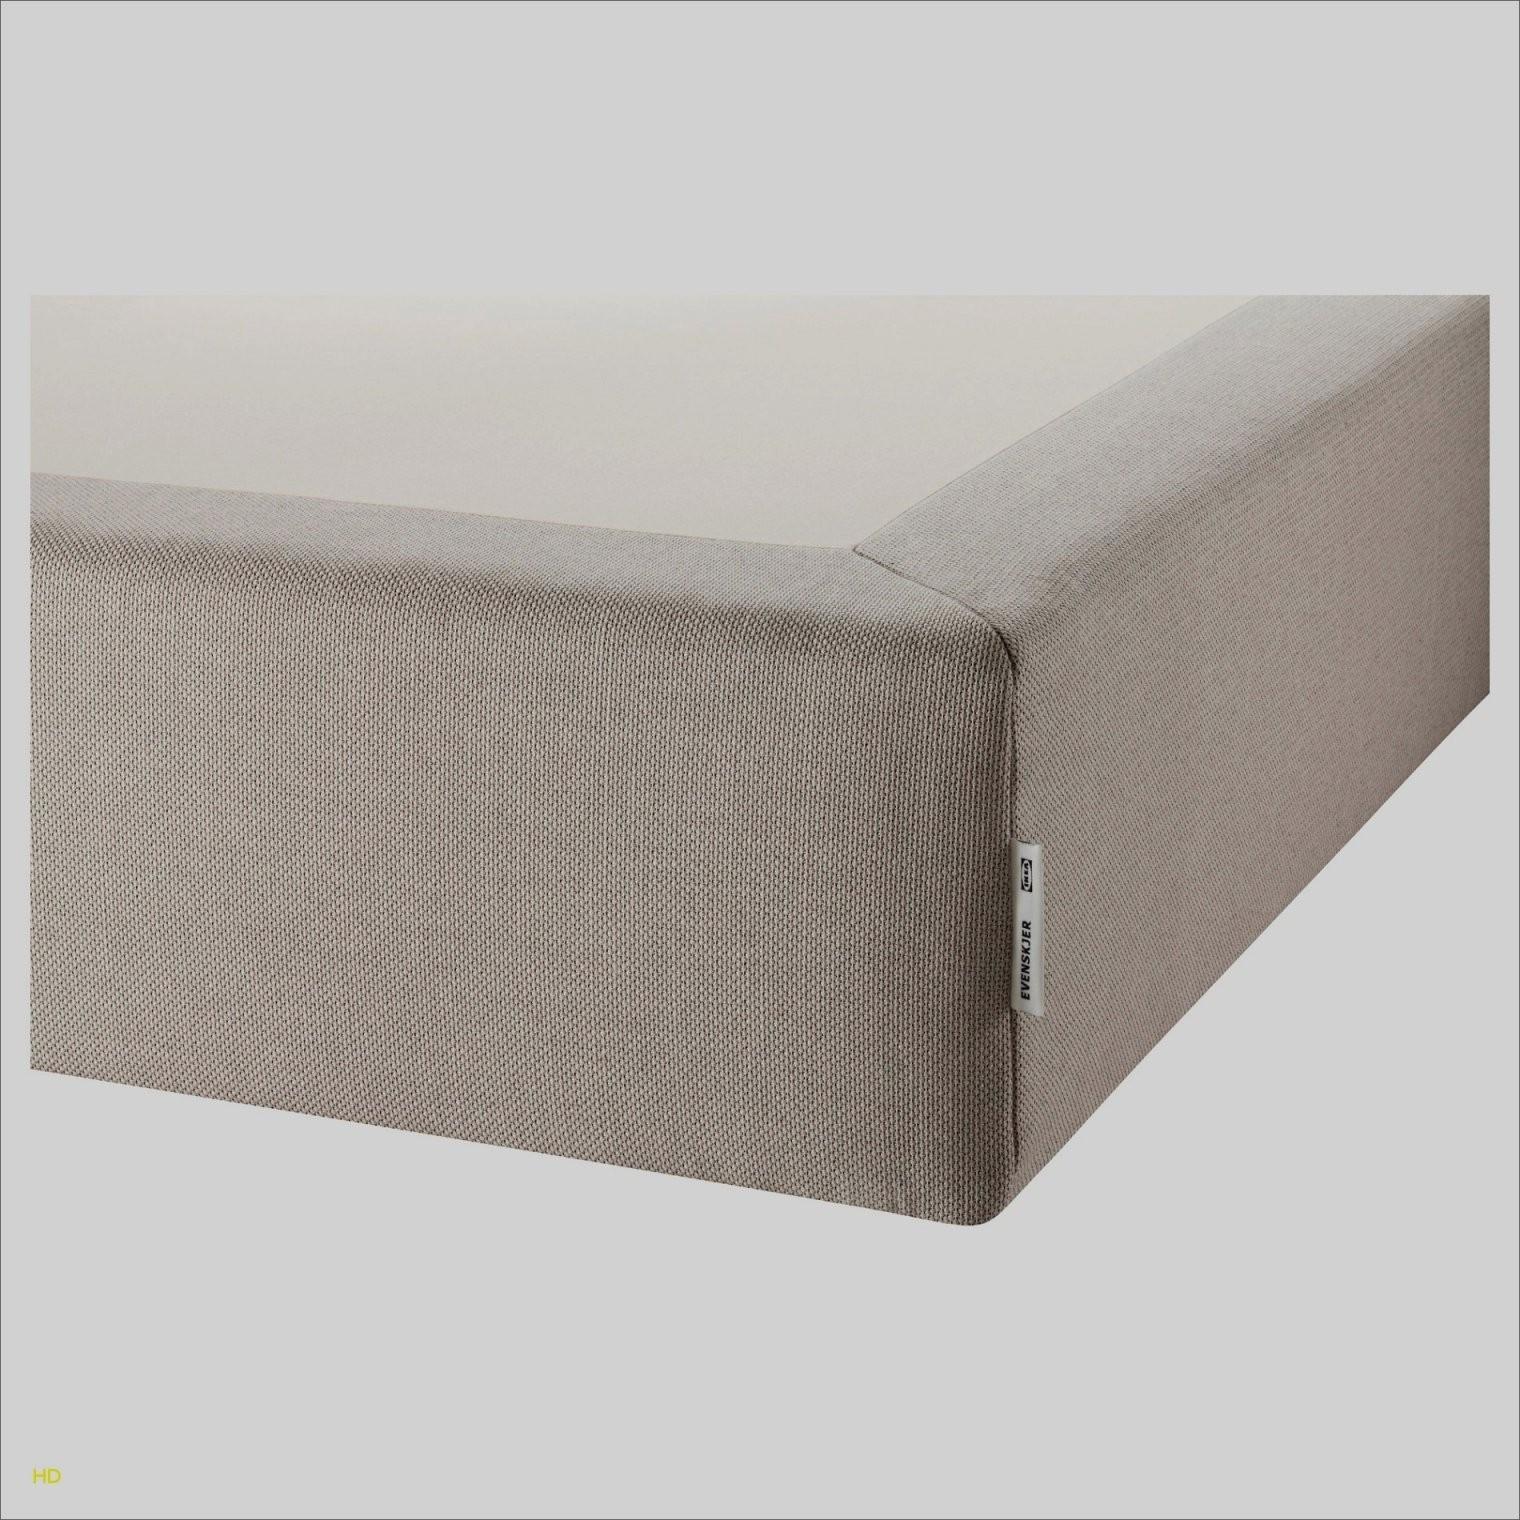 Hausdesign Latex Spannbettlaken 180X200 Hervorragend 200X200 von Spannbettlaken 180X200 Für Boxspringbetten Bild